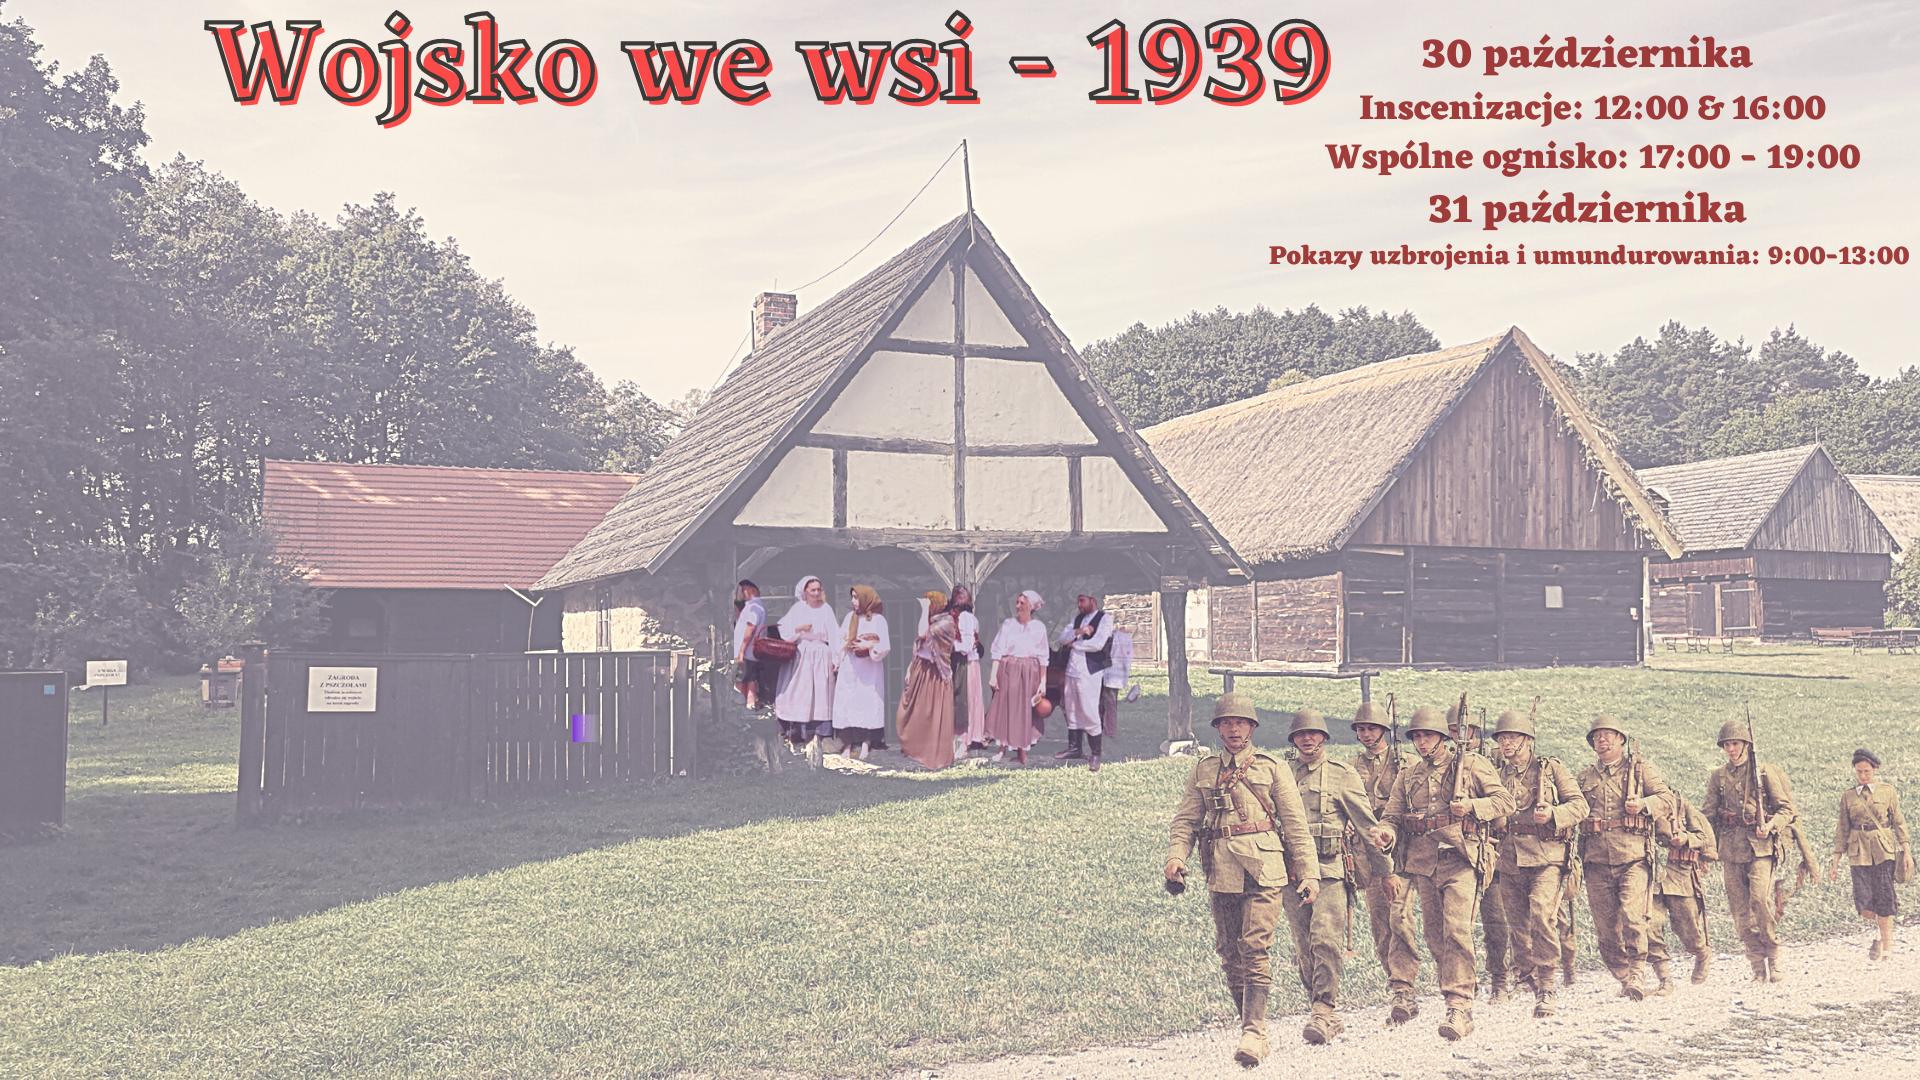 Kopia Wojsko wewsi 1939′ (7)